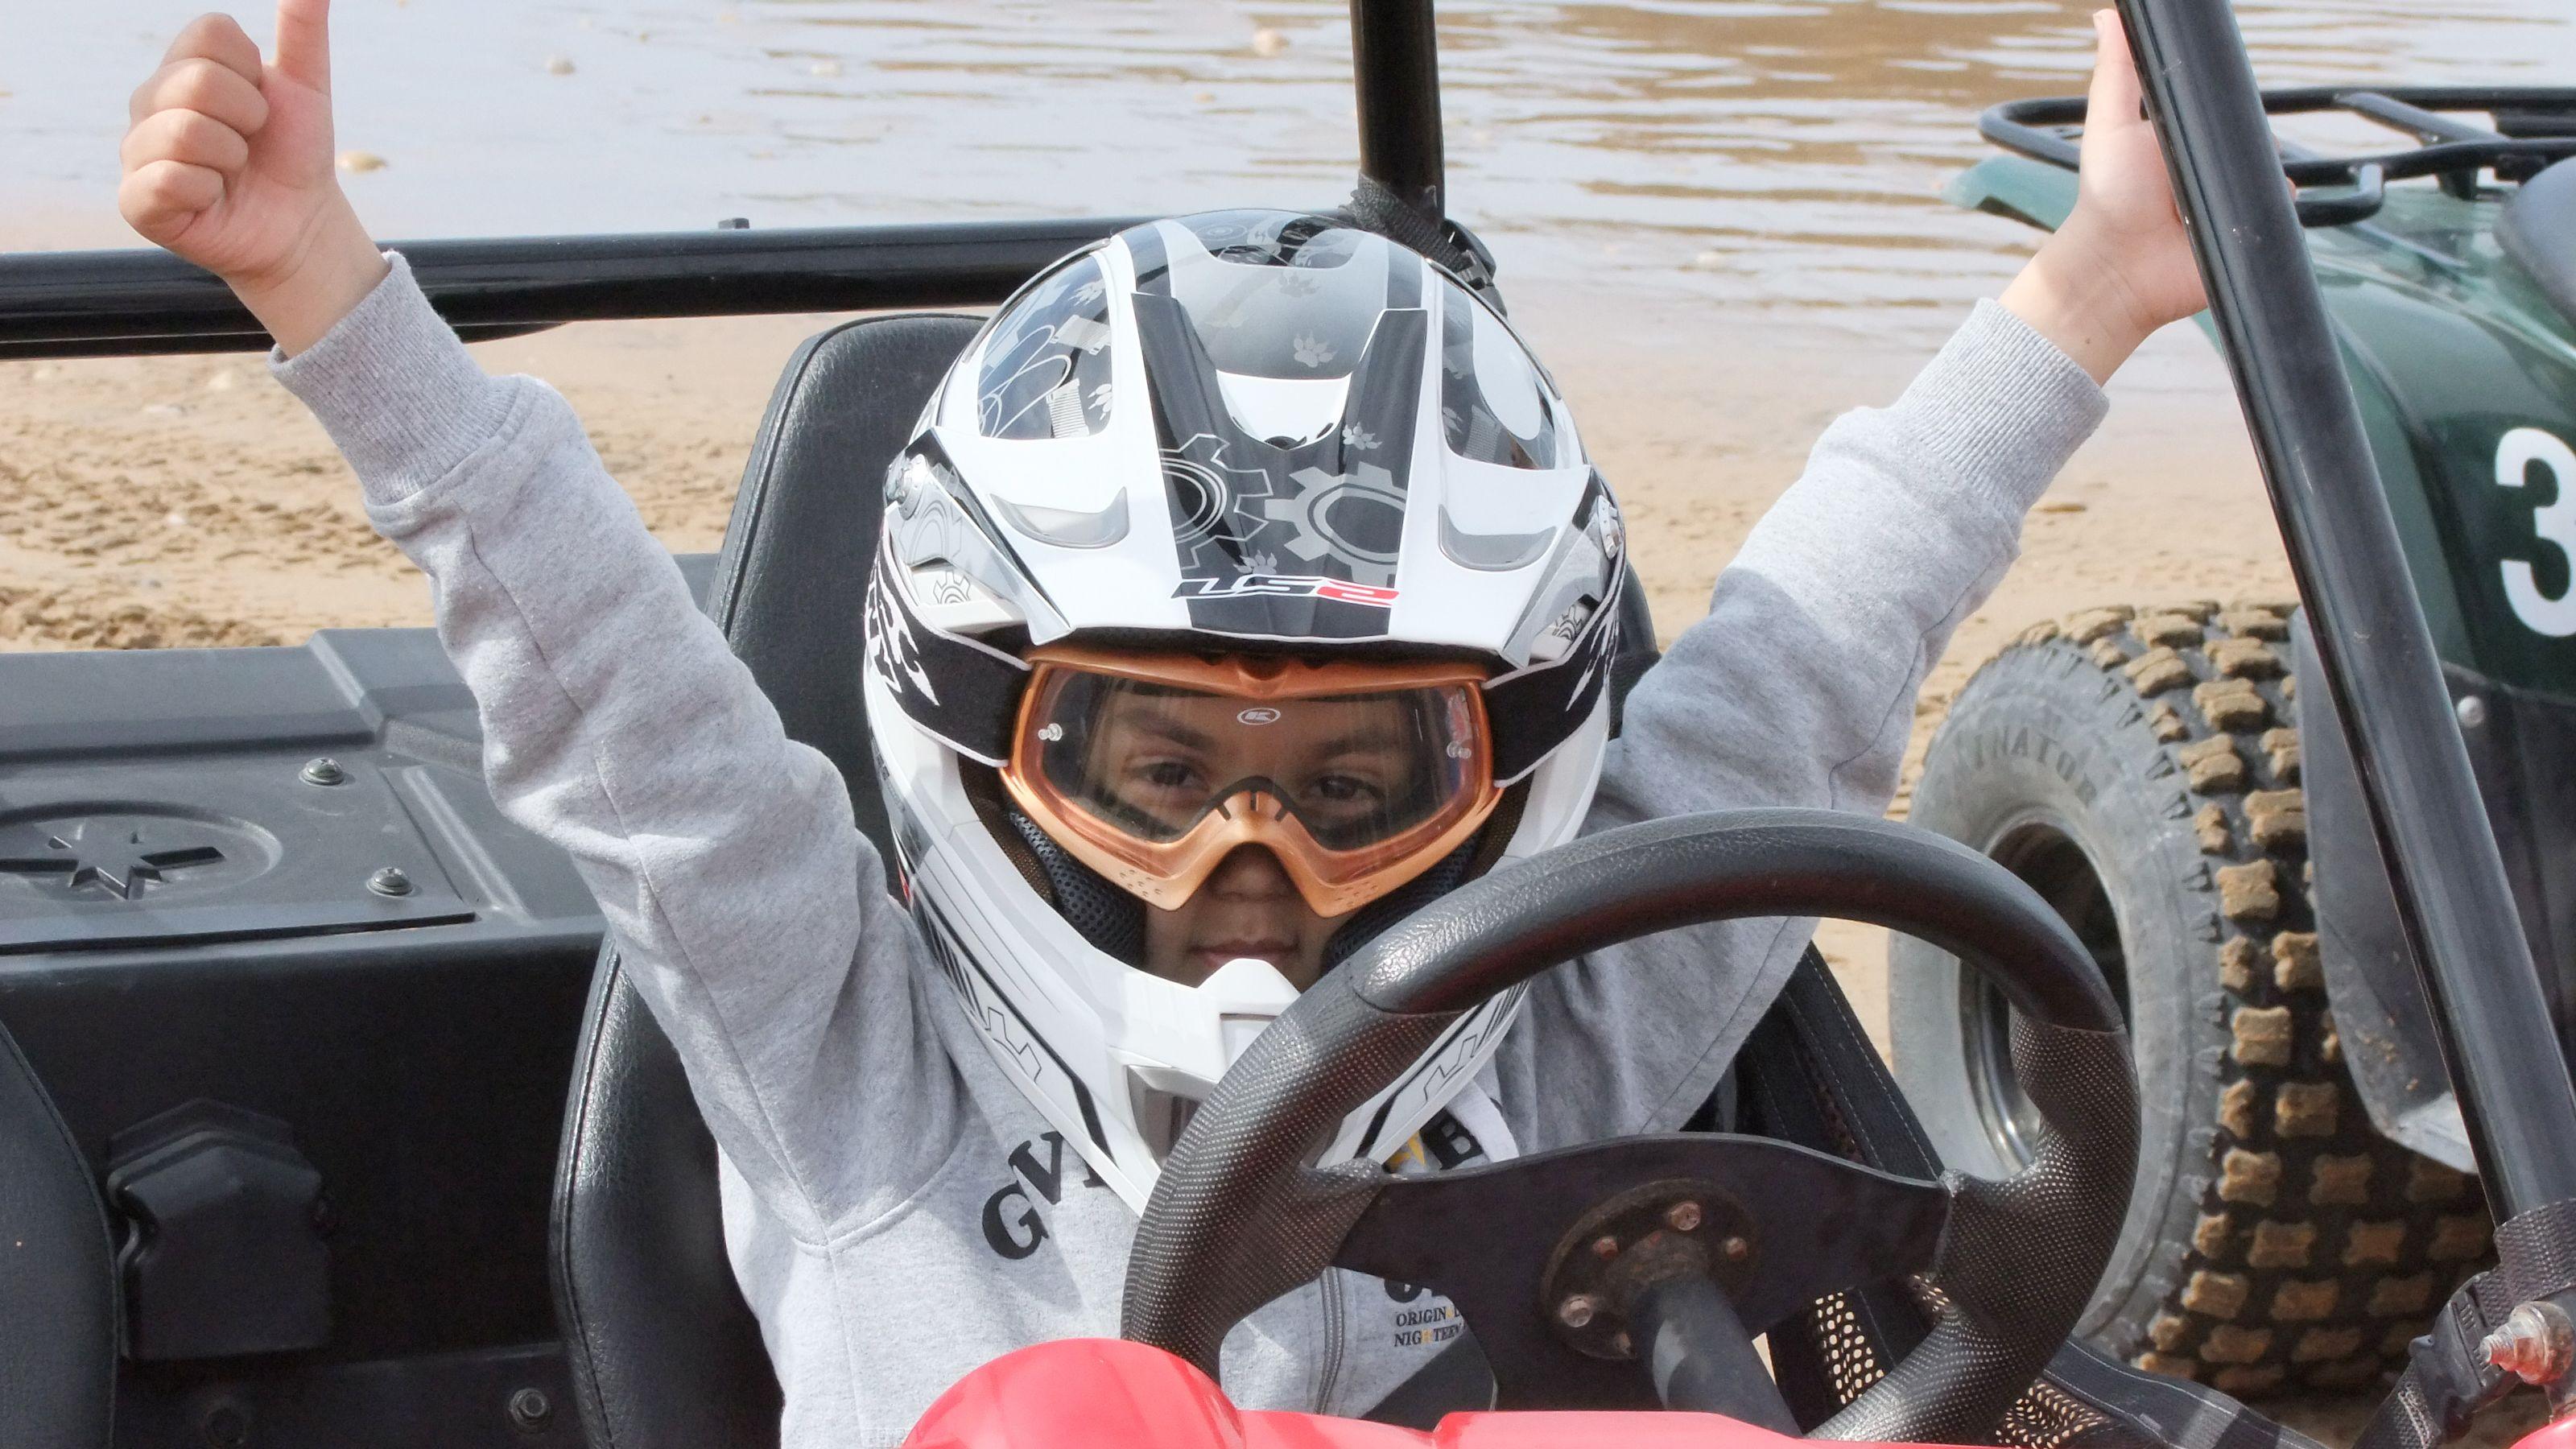 Dune buggy driving kid behind the wheel in Agadir